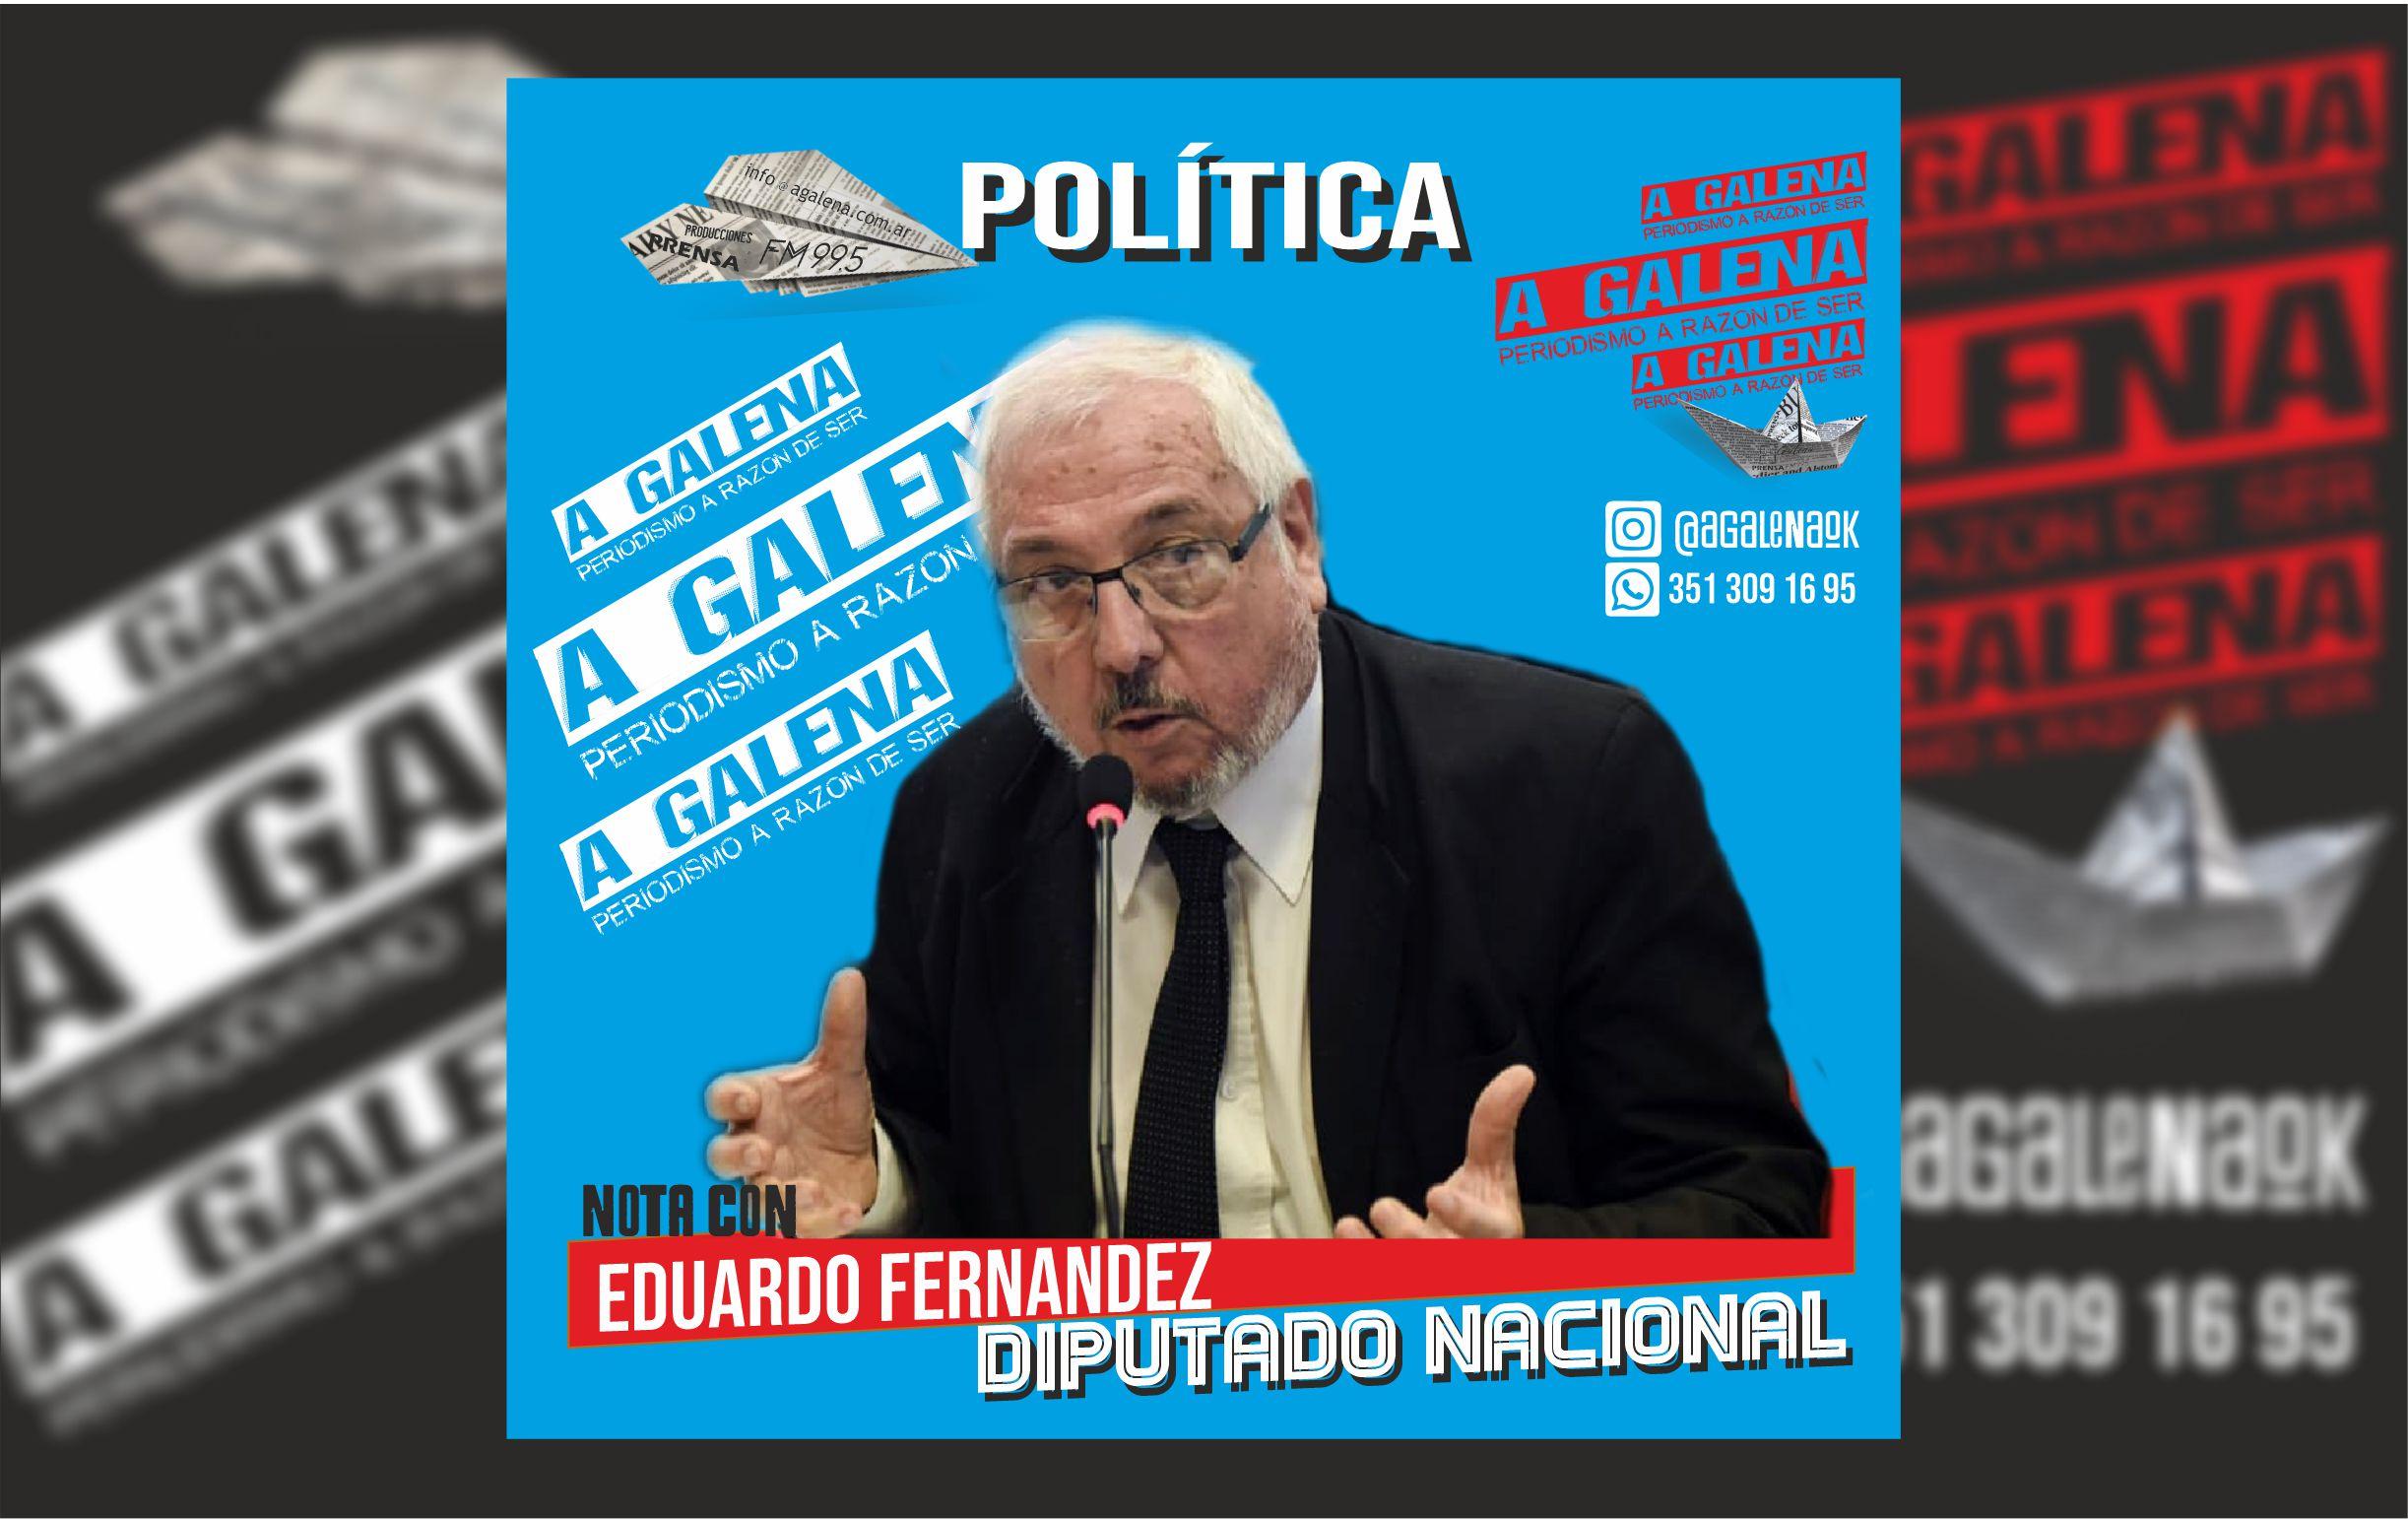 Nota con el Diputado Eduardo Fernandez, una lectura de la actualidad.